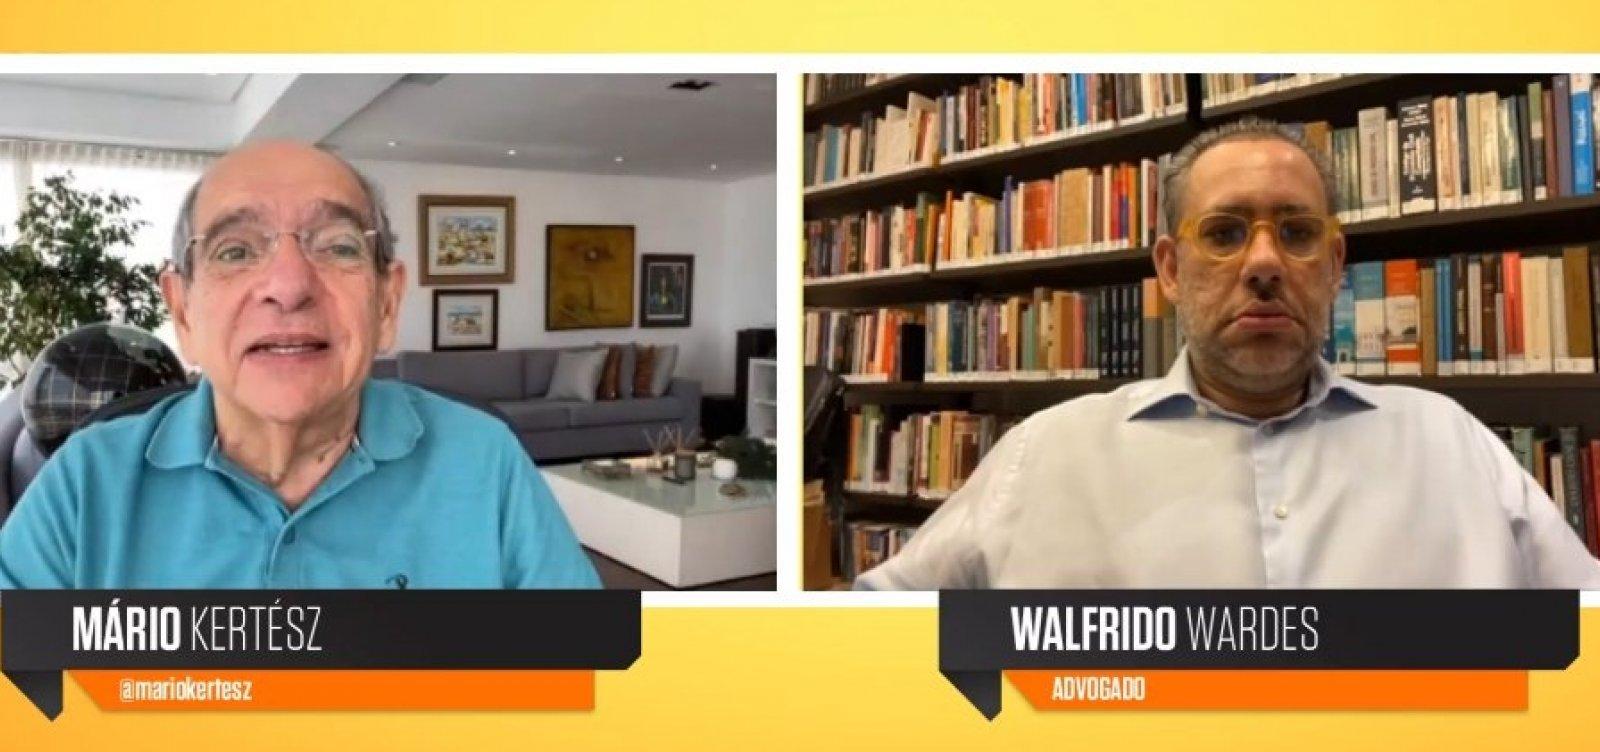 Combate à corrupção na Lava Jato não considerou realidade brasileira, diz advogado